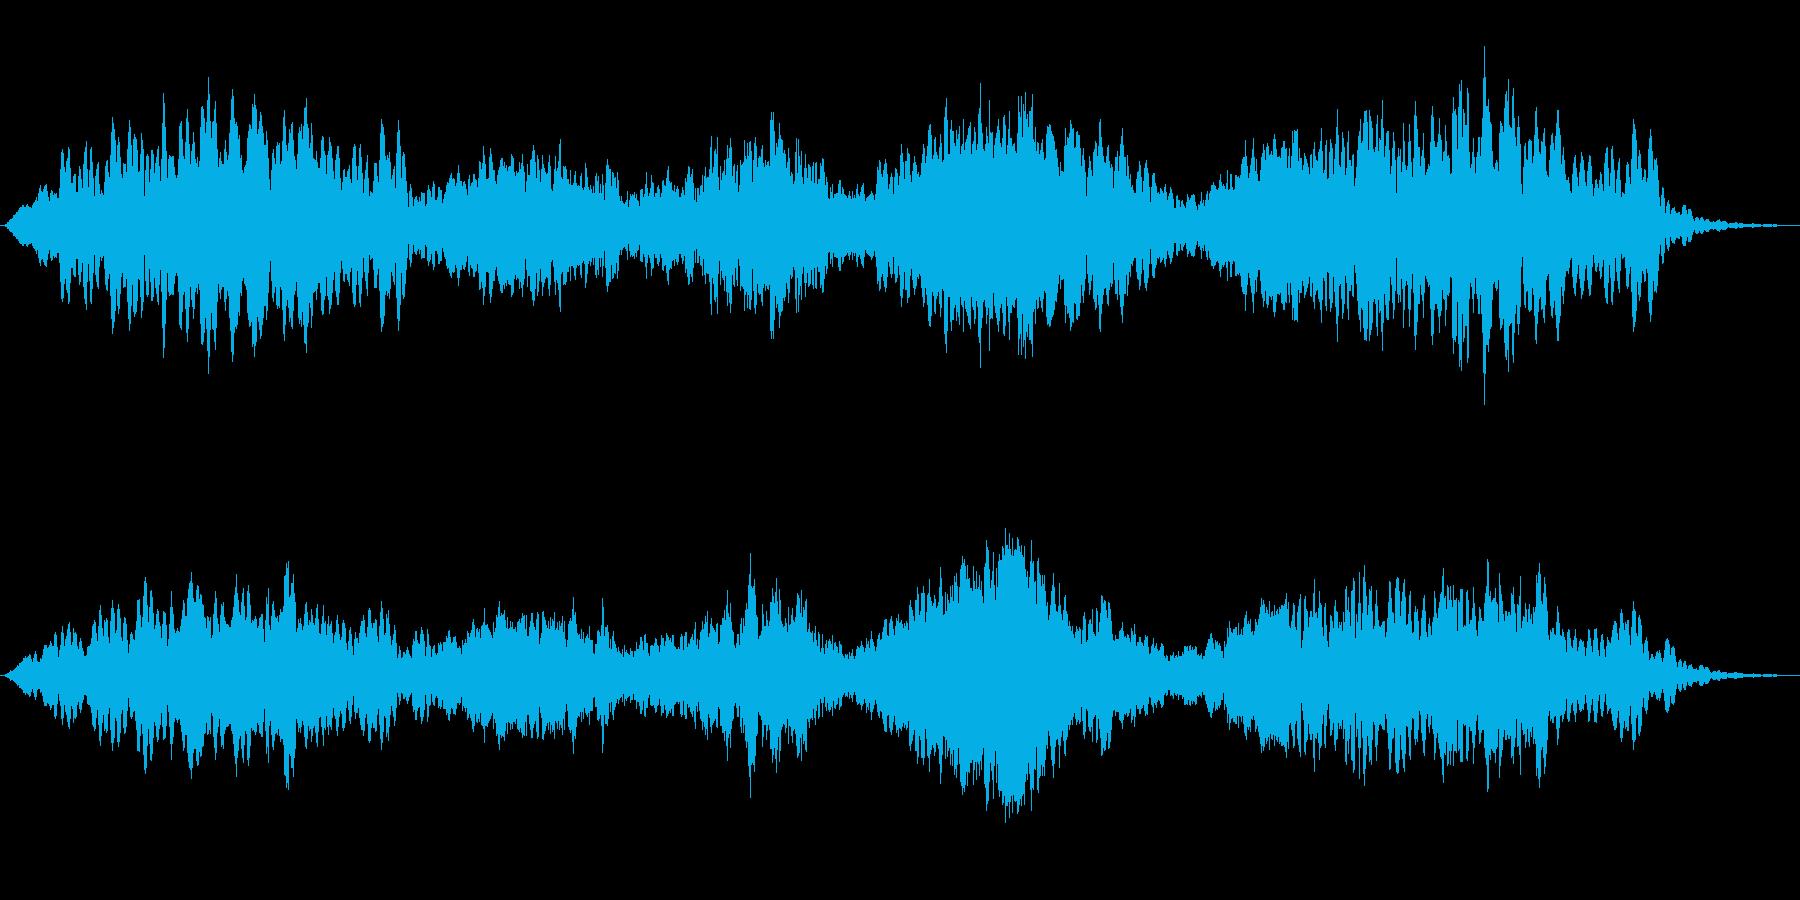 恐怖を煽るホラー背景楽曲の再生済みの波形